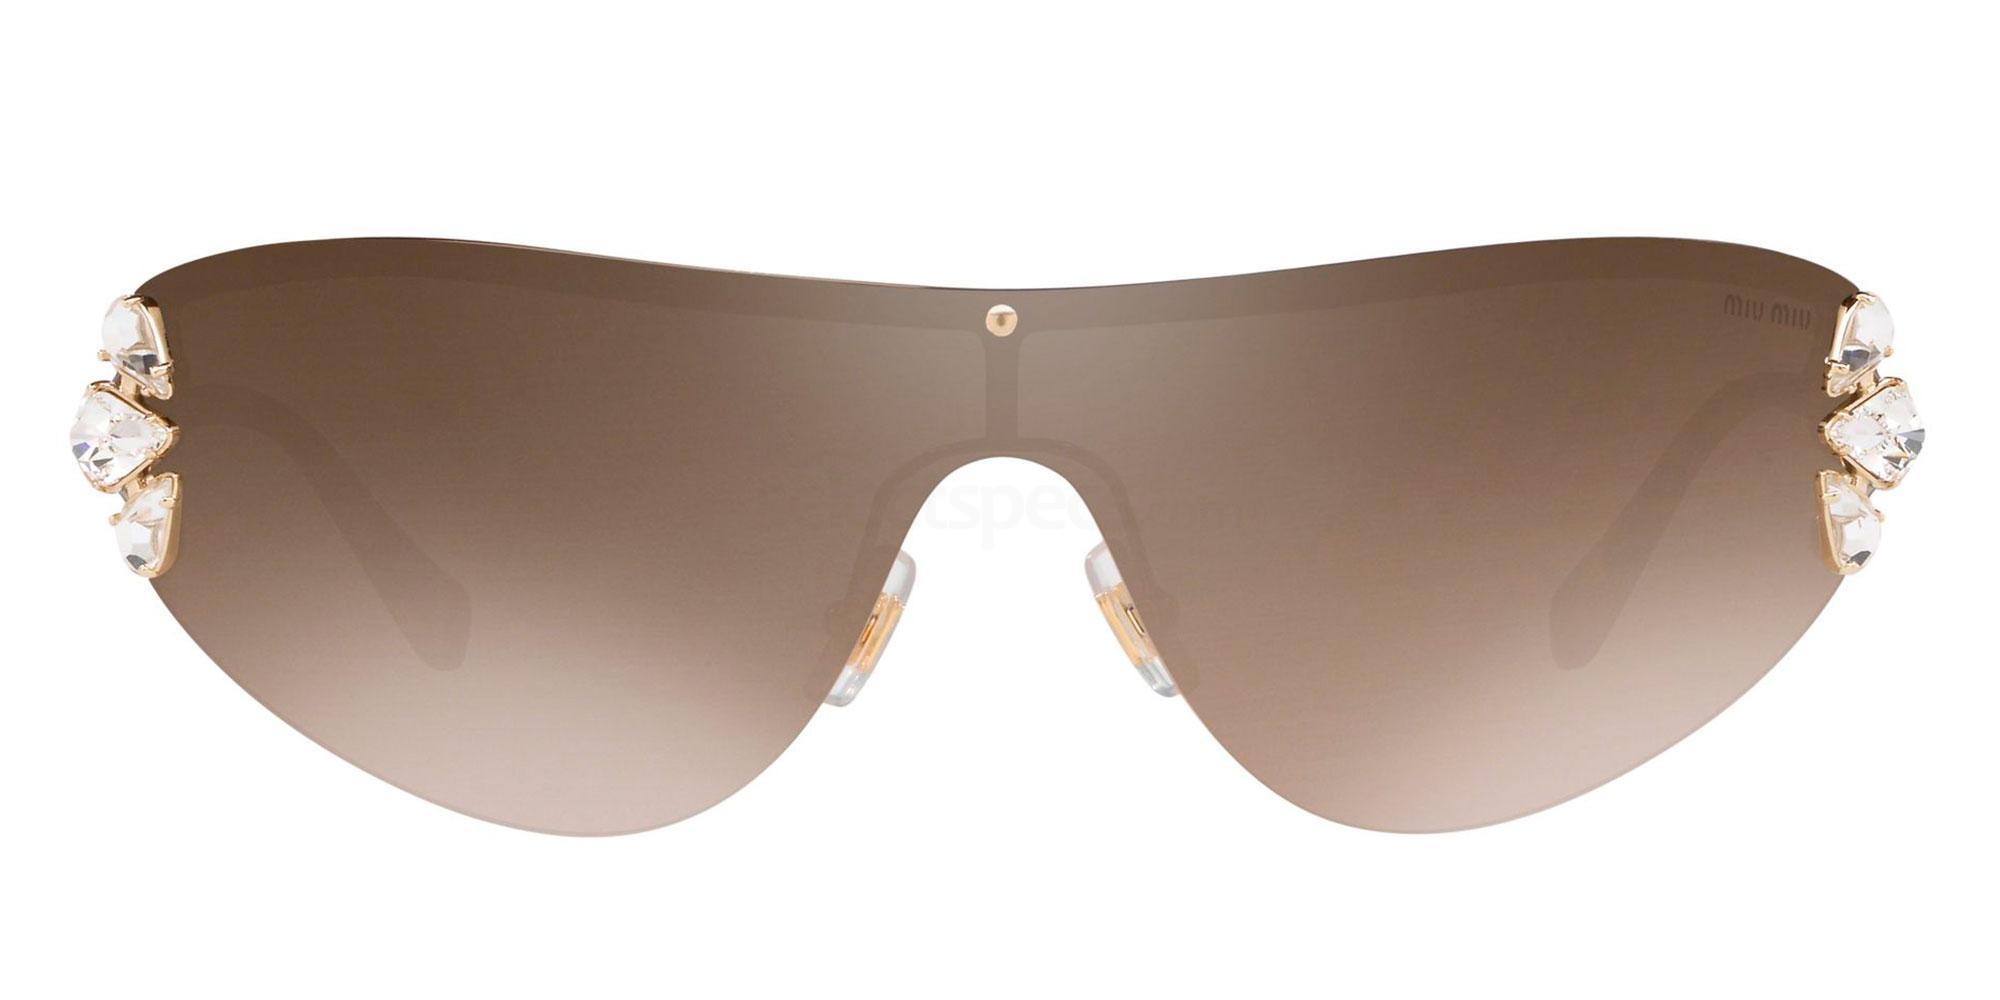 ZVN4O2 MU 66US Sunglasses, Miu Miu